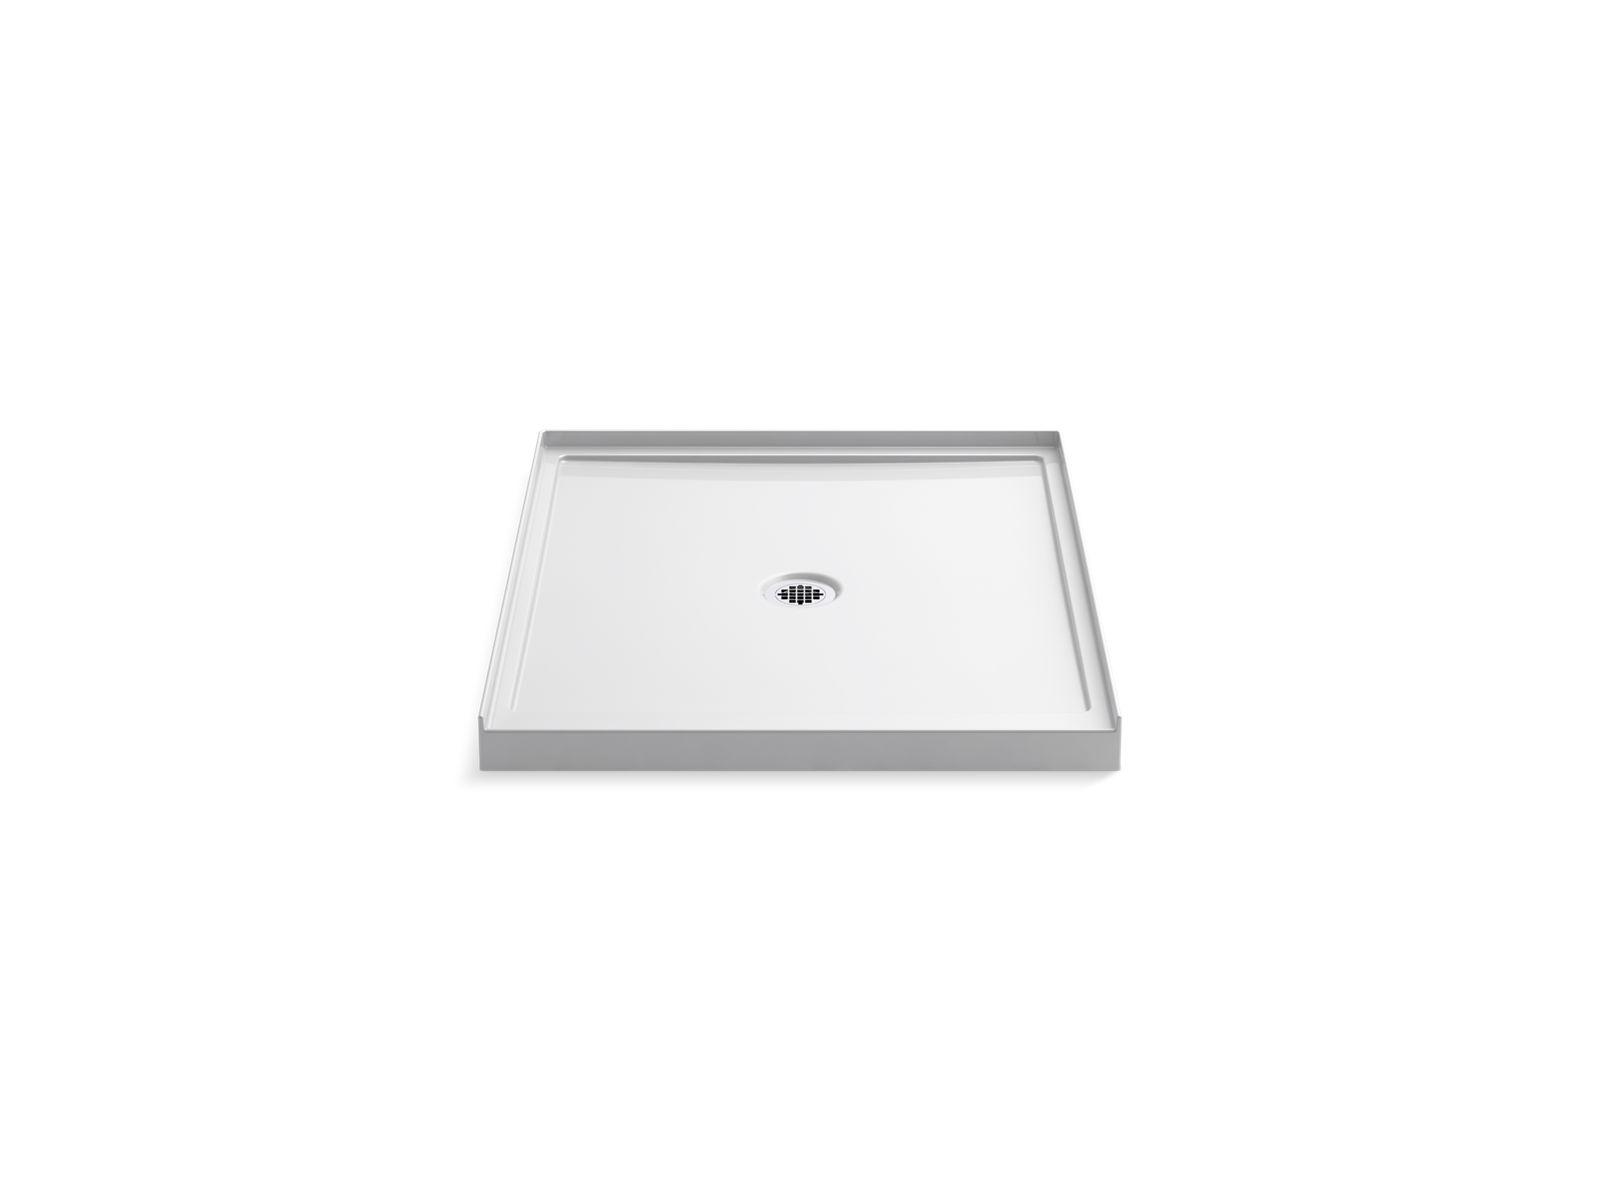 Genial K 8647 | Rely Shower Base, 36 X 42 Inch, Center Drain | KOHLER